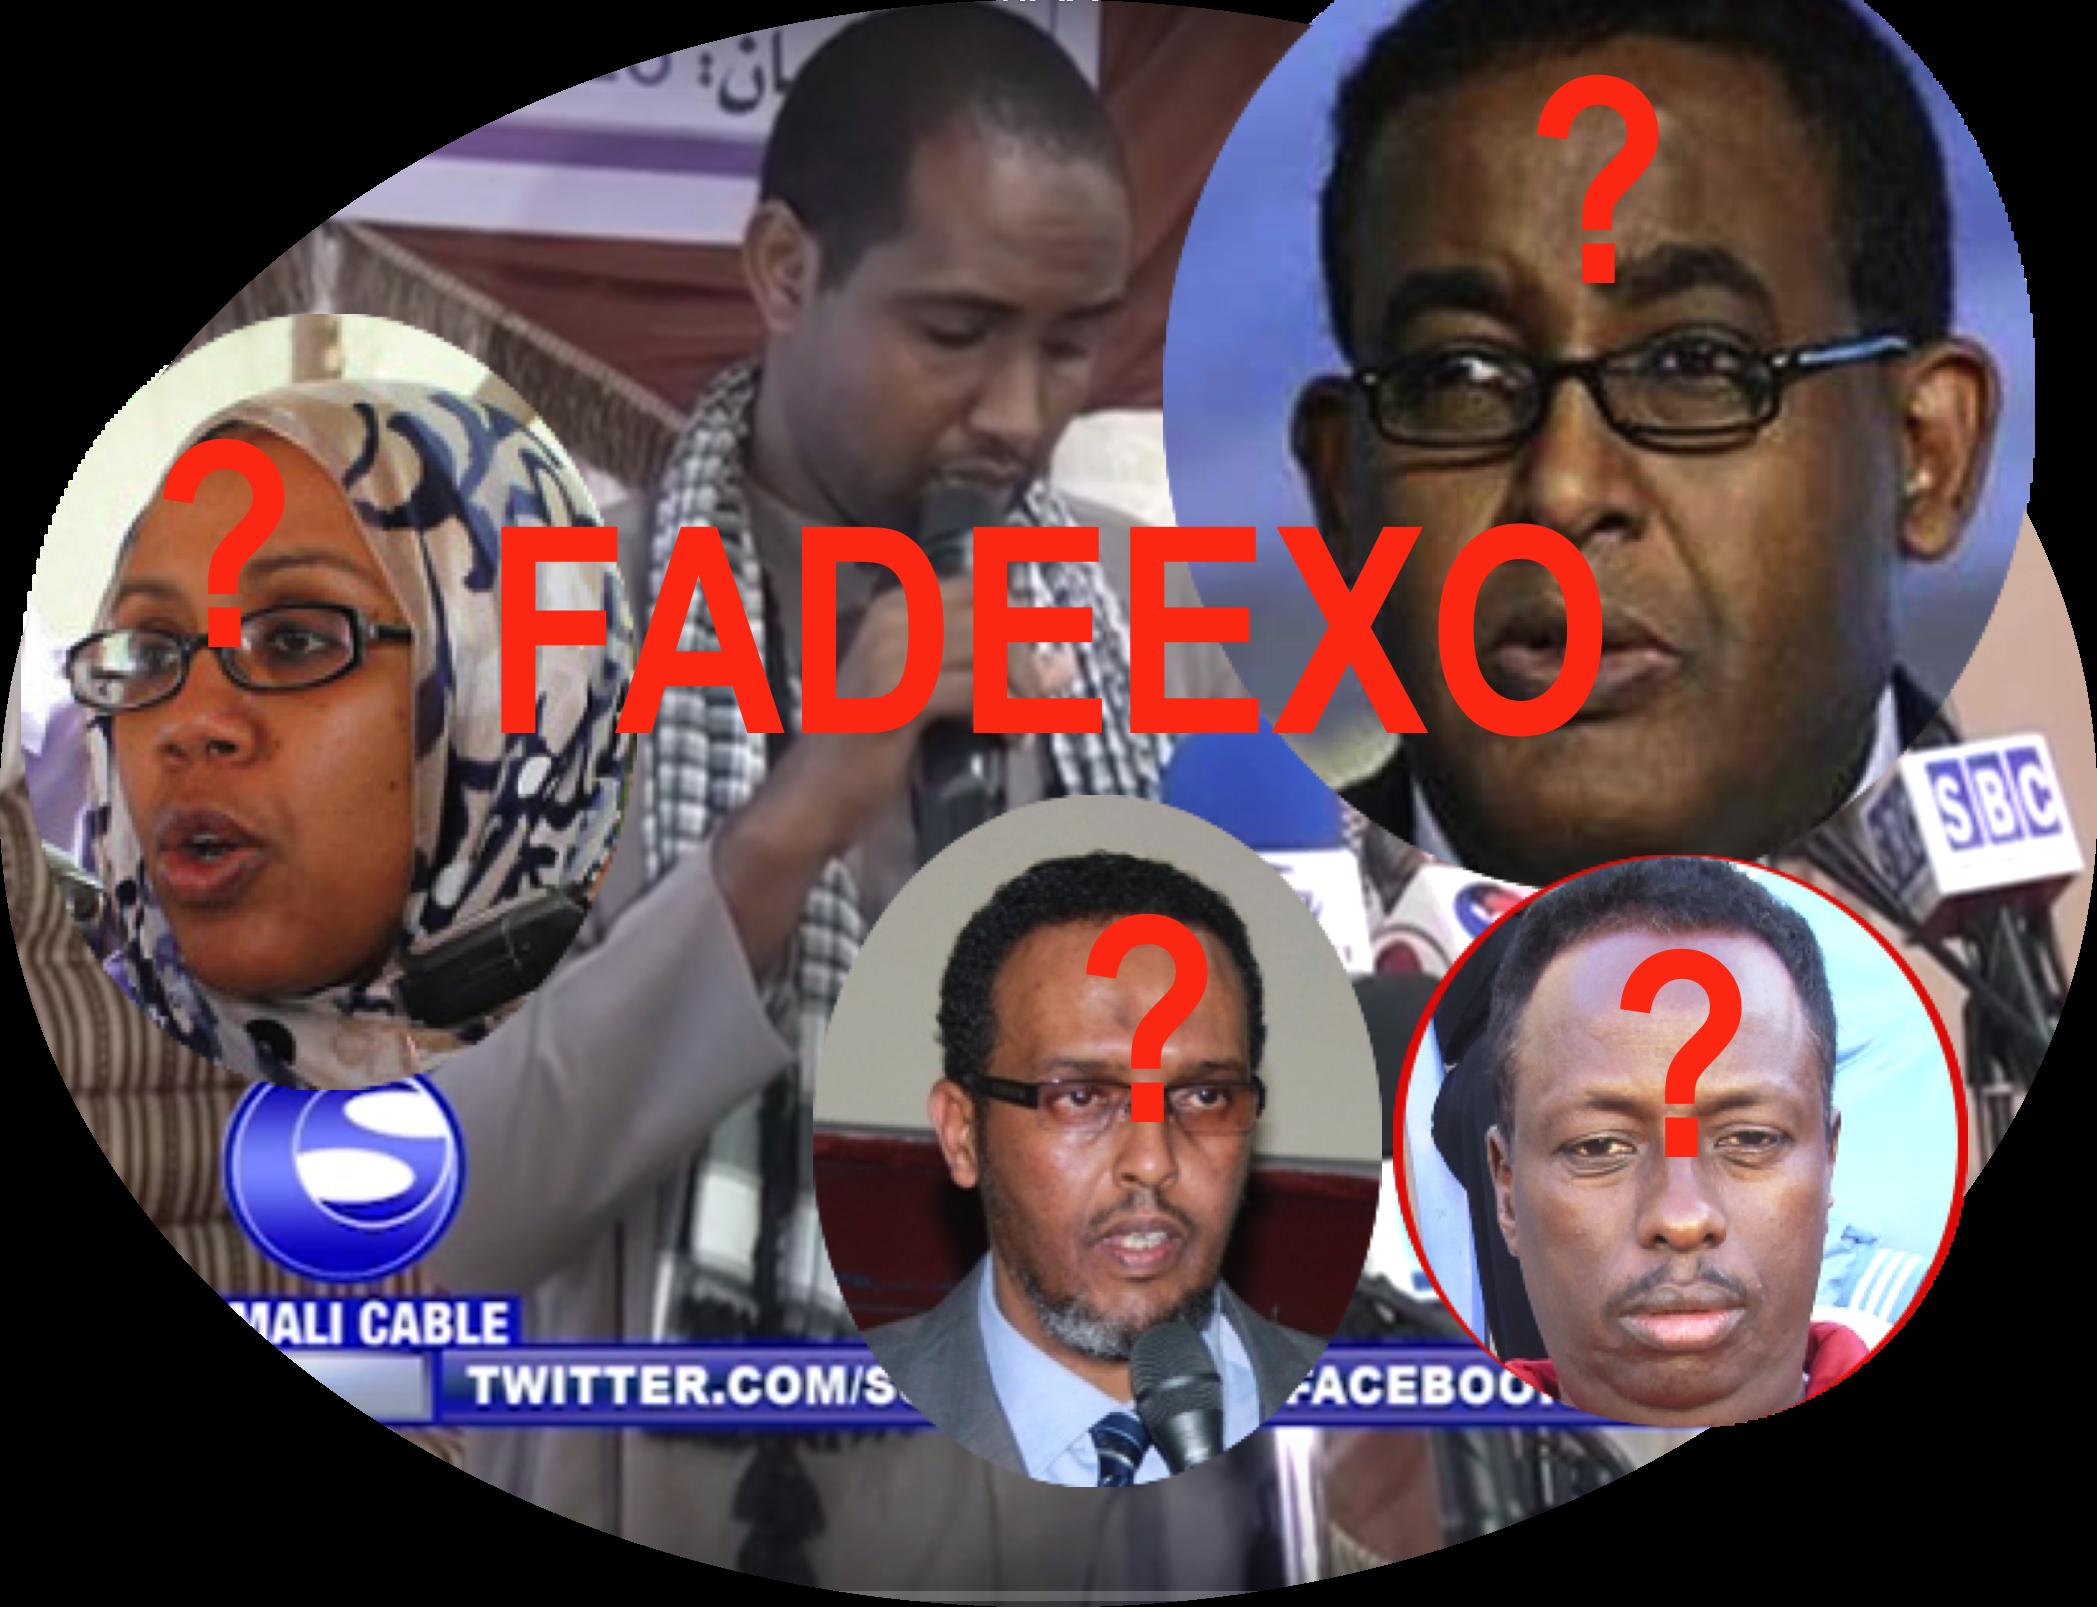 [Daawo Fadeexo-]Wasiiradda Somalia oo gaaloobay -xantii suuqa ugu jirtay Ra'isulwasaaraha iyo qaar ka mida Wasiiradiisa oo xaqiiq noqotay